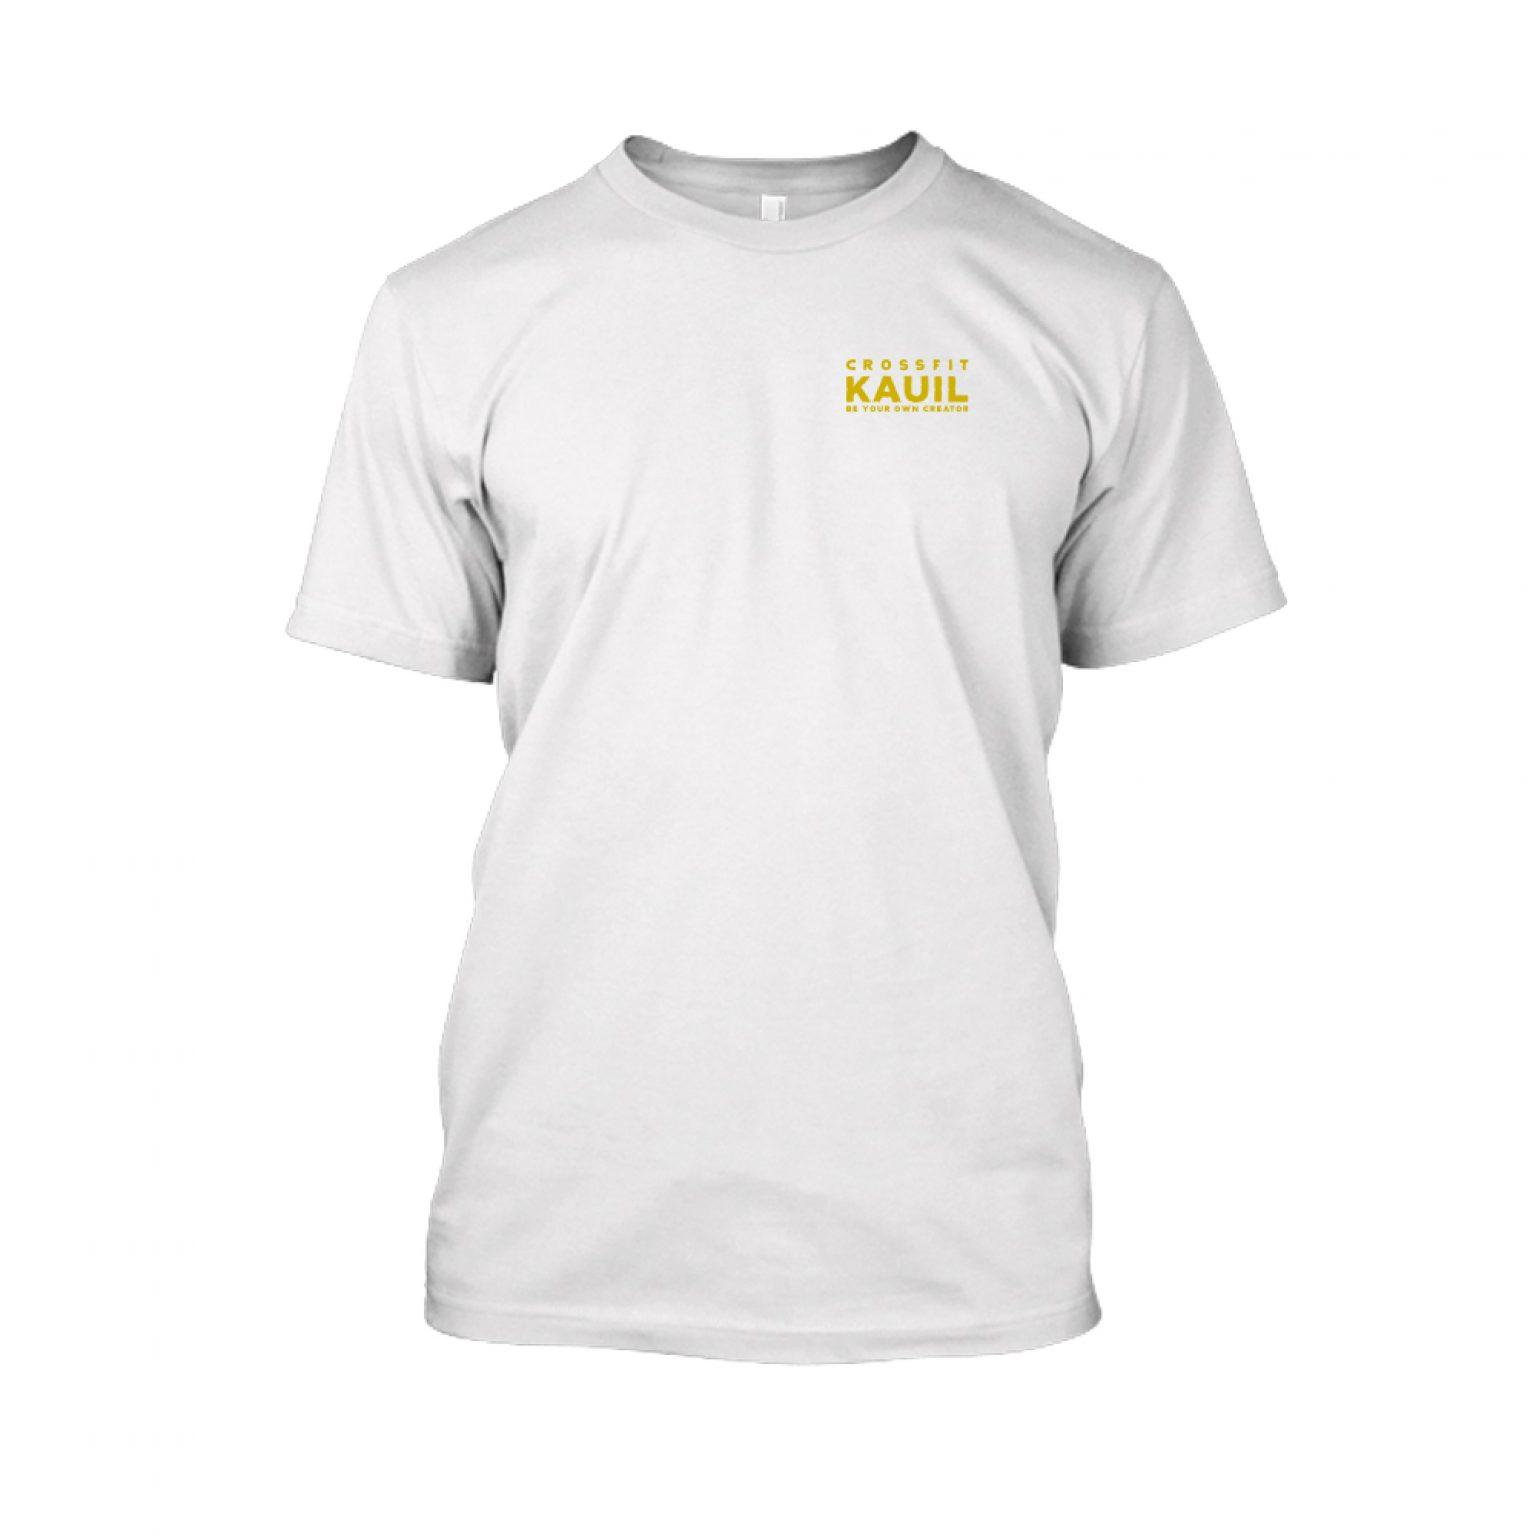 Herren Shirt weiss gold front